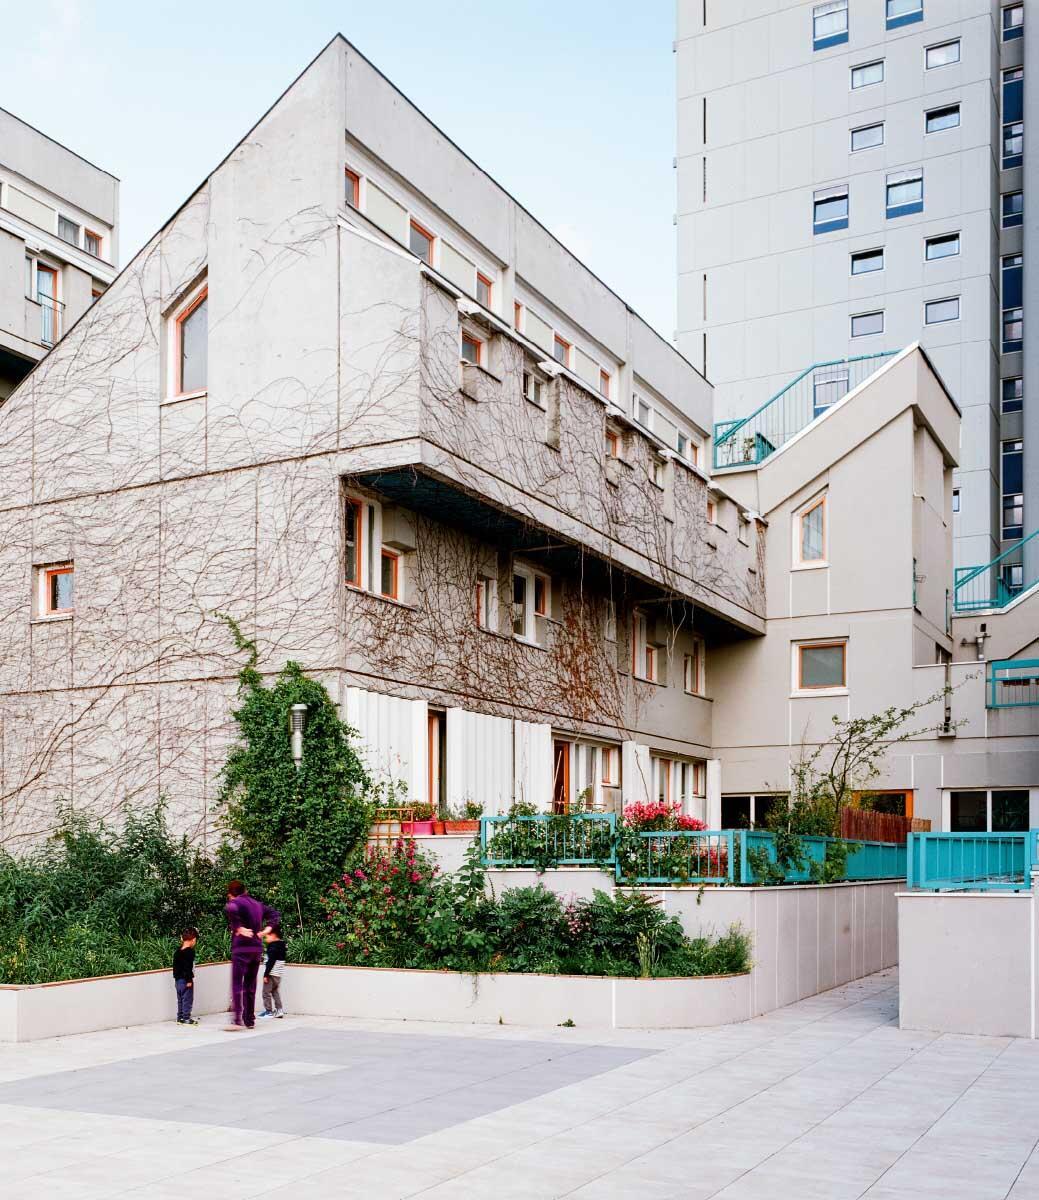 Ensemble Marat, 1971 – 86. Im Hof der späten Siedlung mit Reihenhauscharakter und privaten Vorgärten Bild: Giaime Meloni